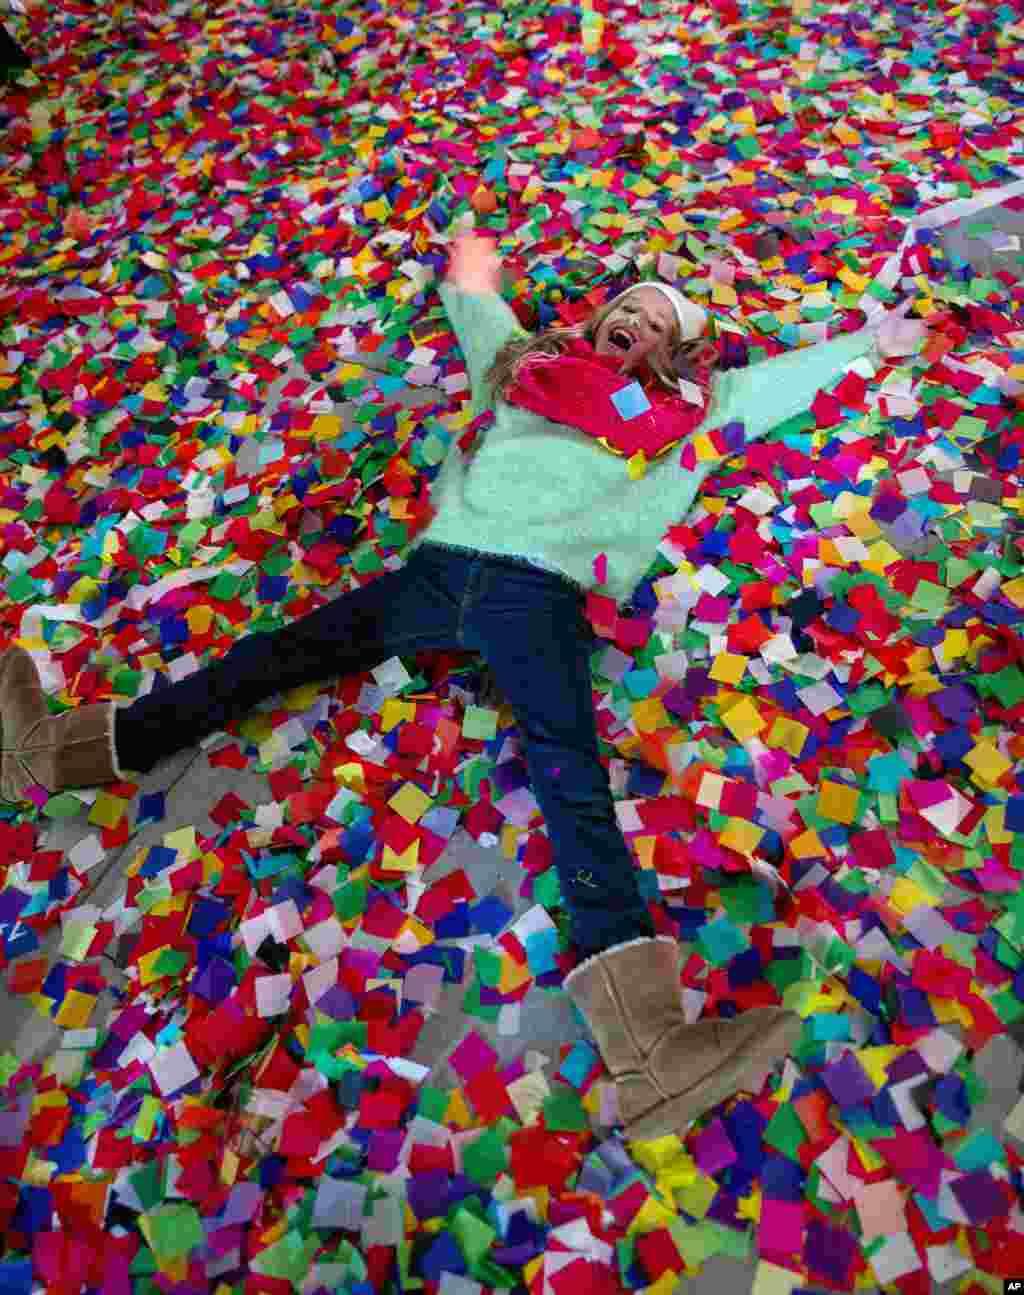 1일 미국 뉴욕 타임스퀘어의 한 호텔 발코니에 새해맞이 행사에 쓰인 꽃종이들이 쌓여있다.